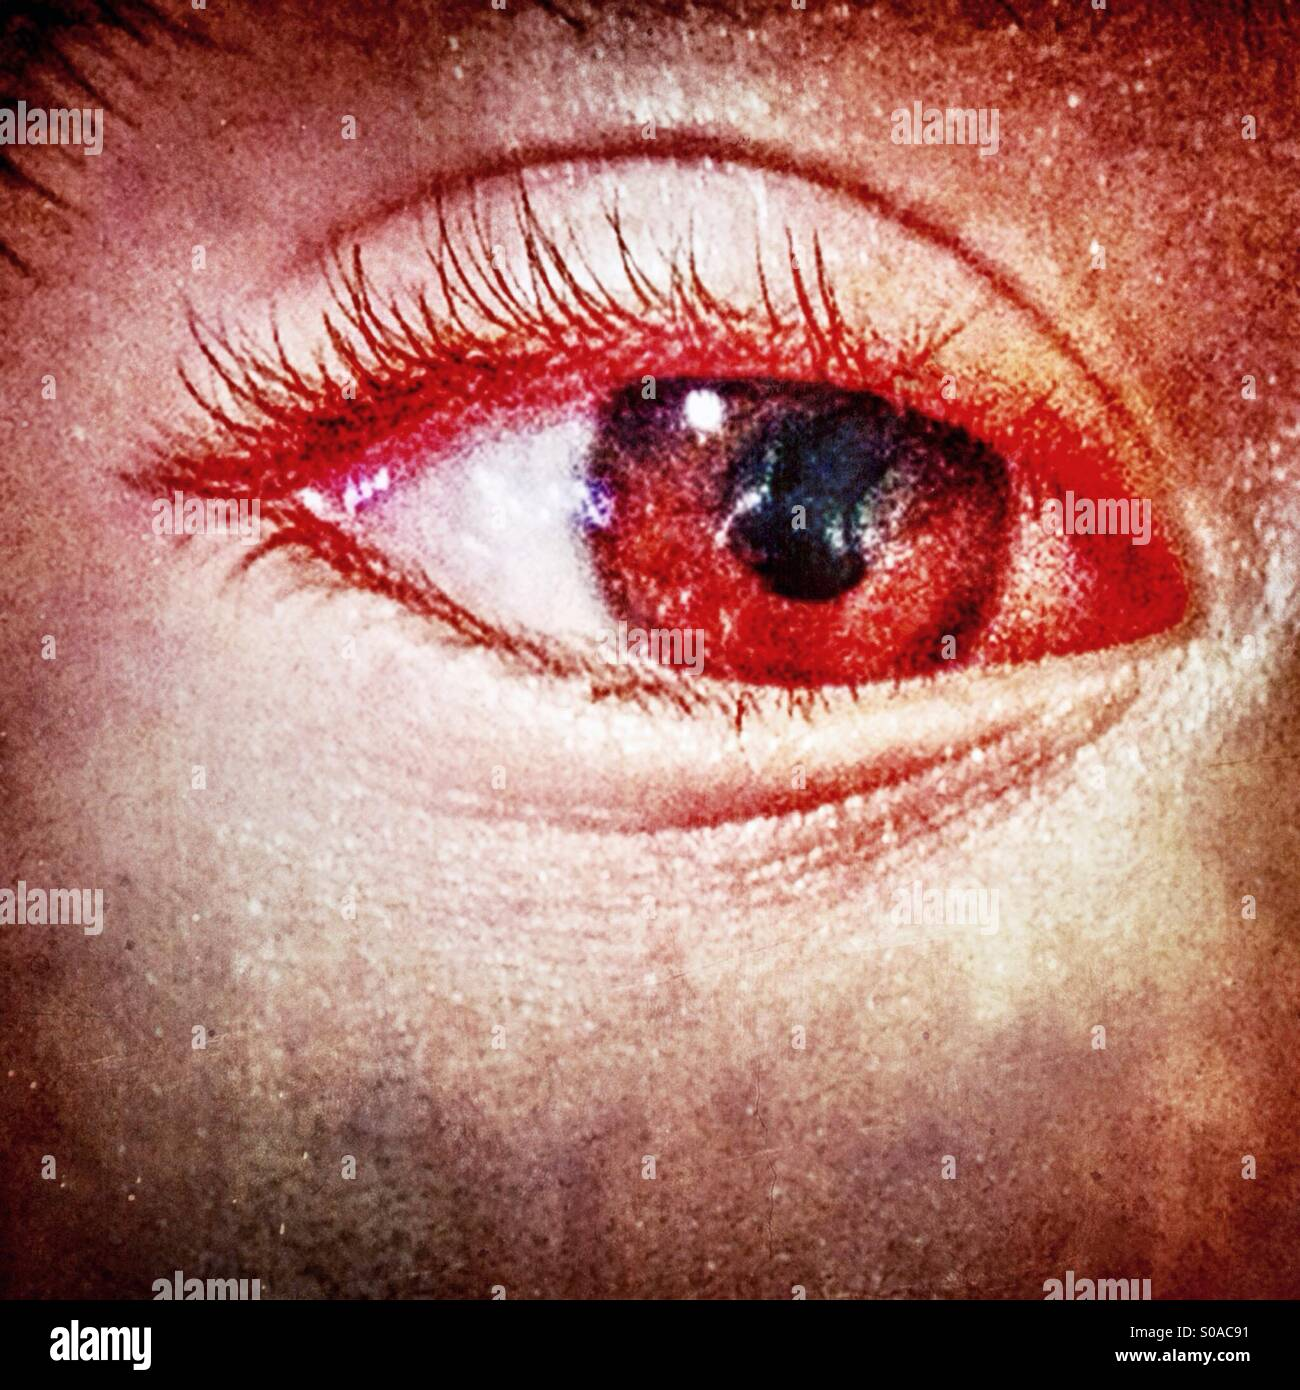 Primo piano di un occhio umano. Immagini Stock